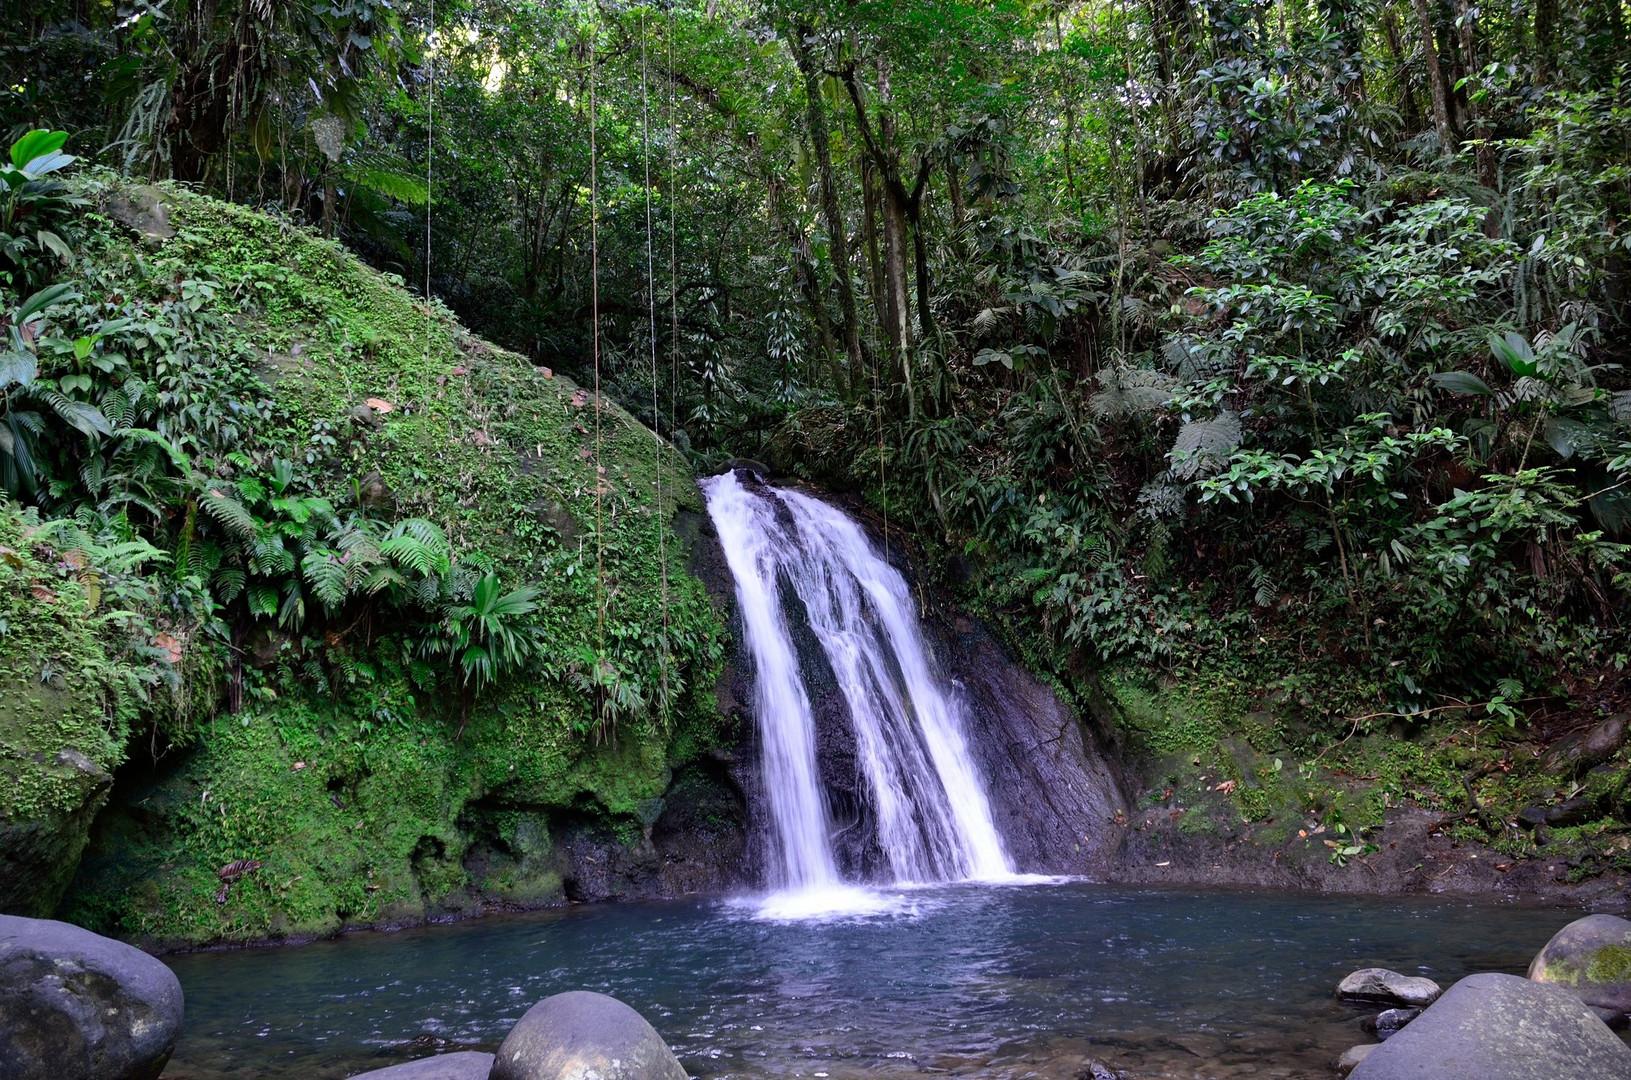 Guadeloupe - Cascade aux ecrevisses